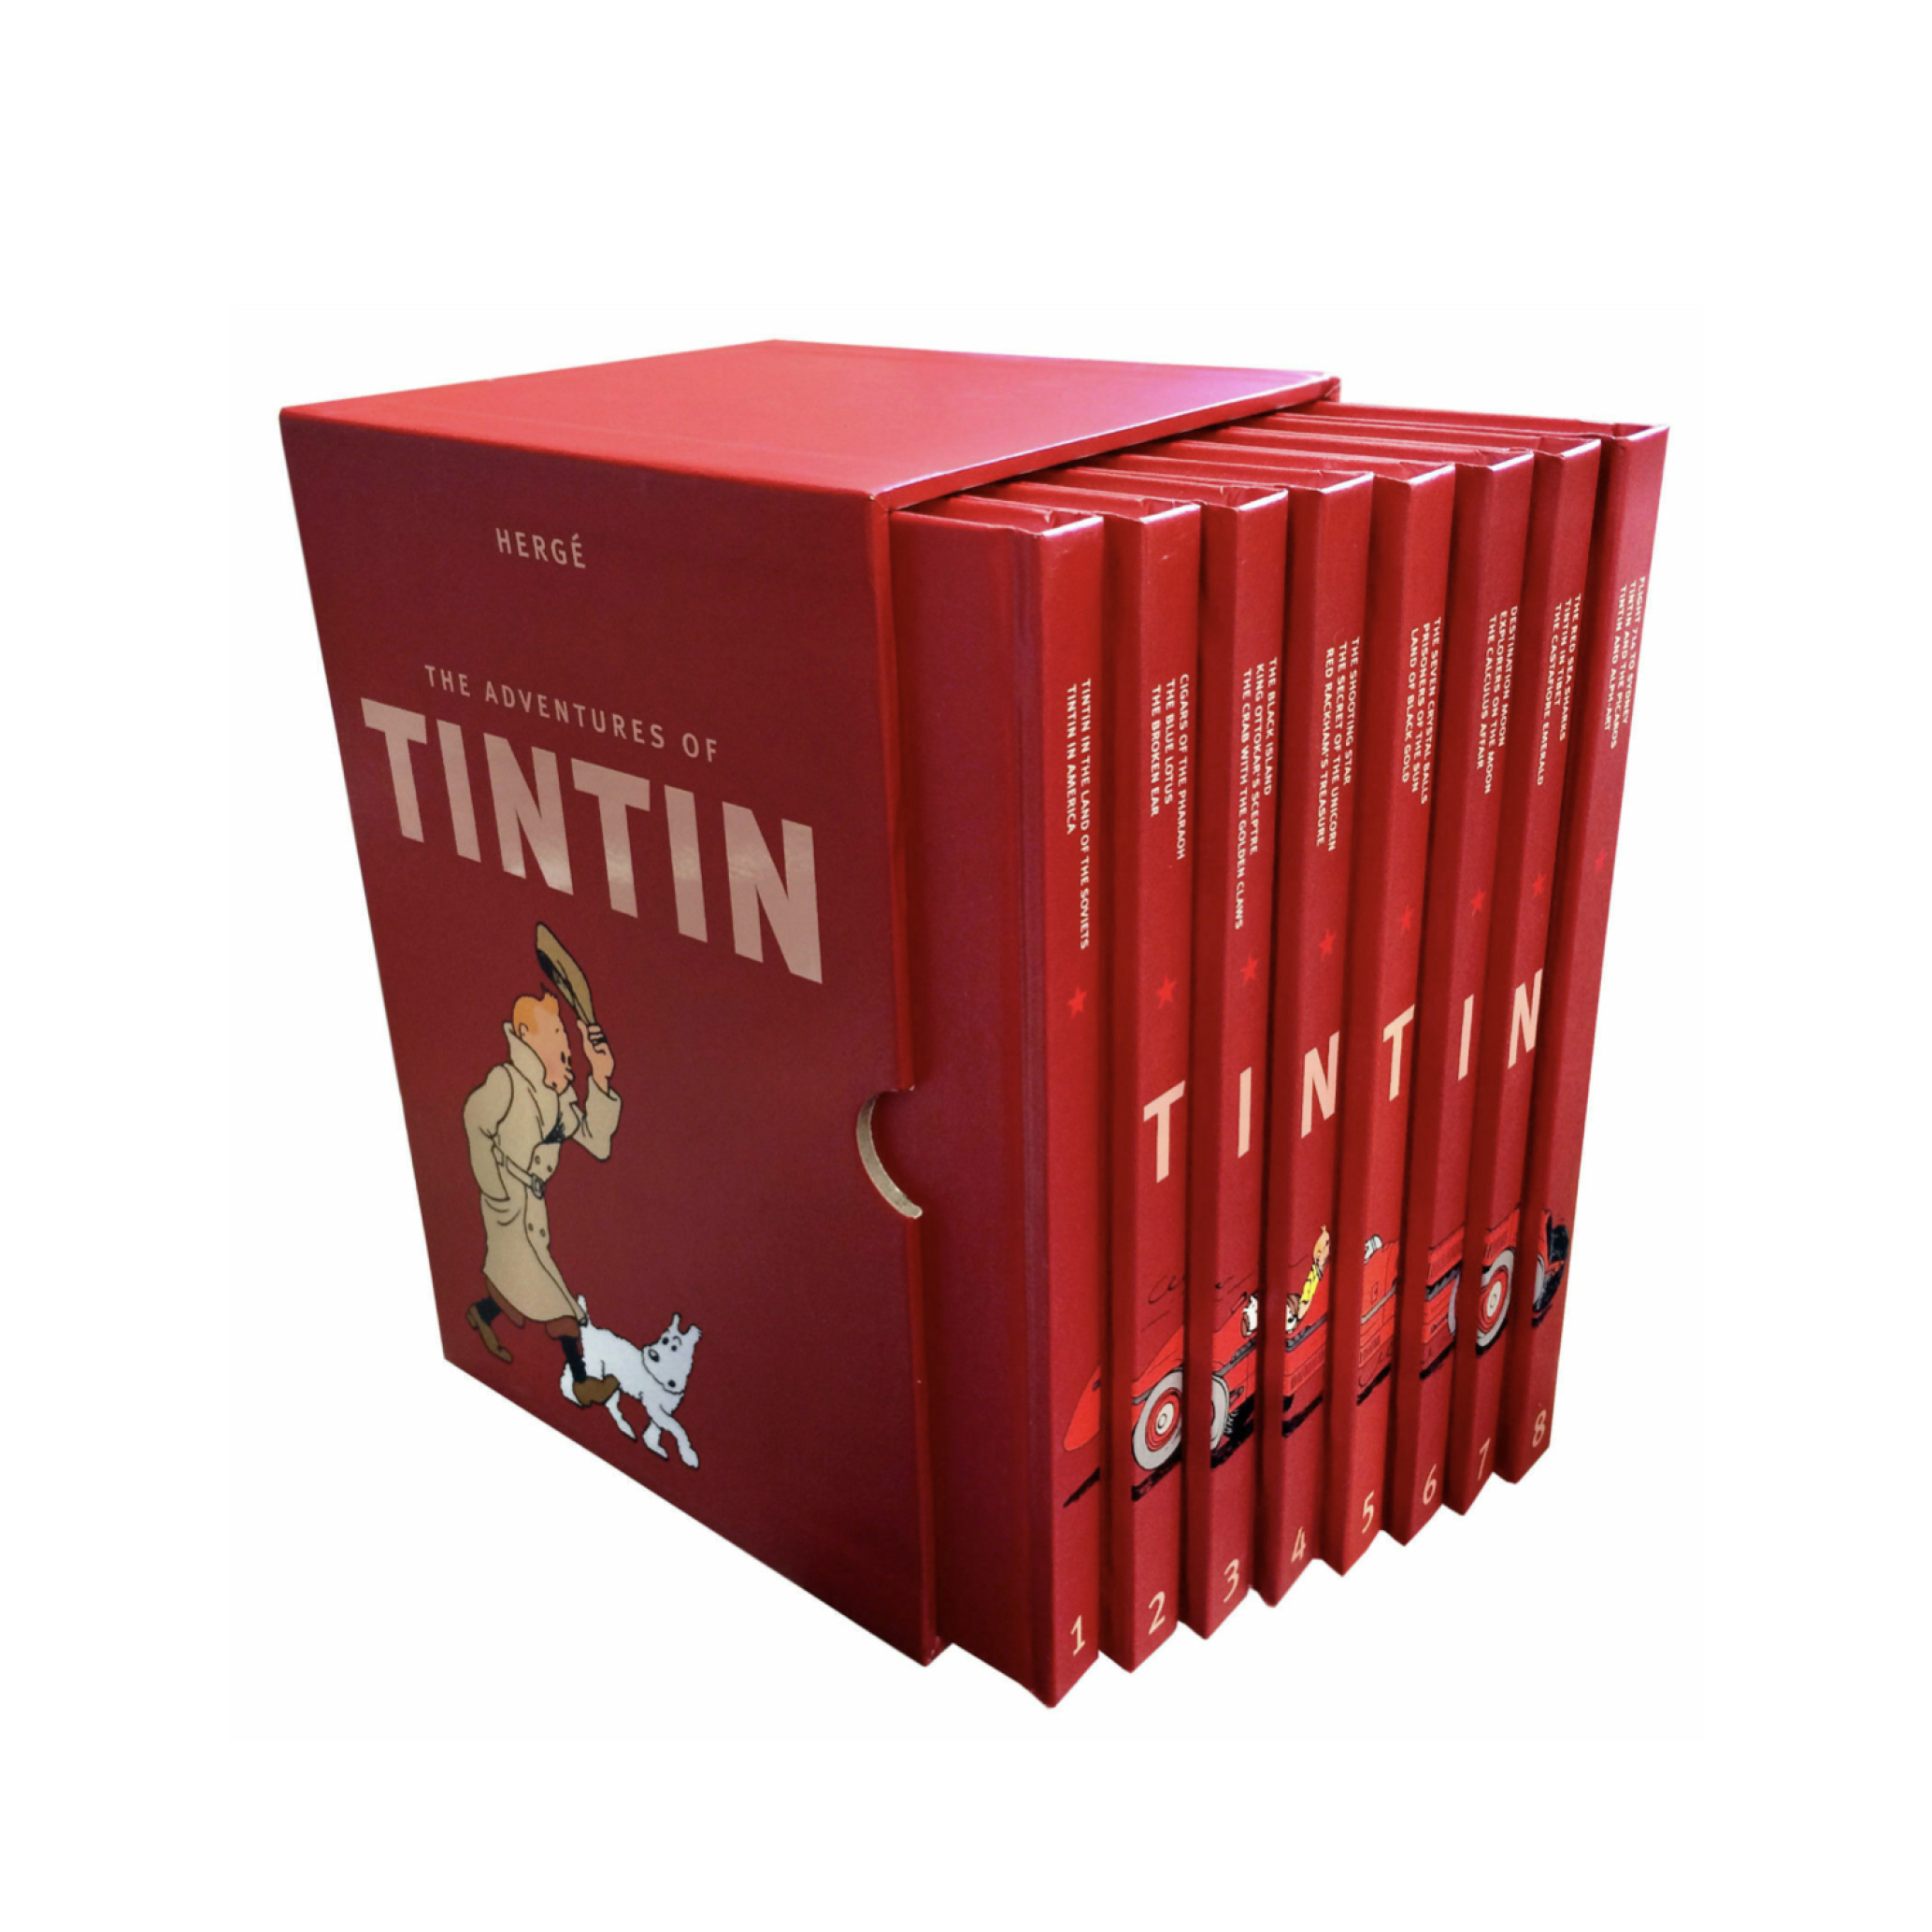 کتاب های اورجینال تن تن و میلو